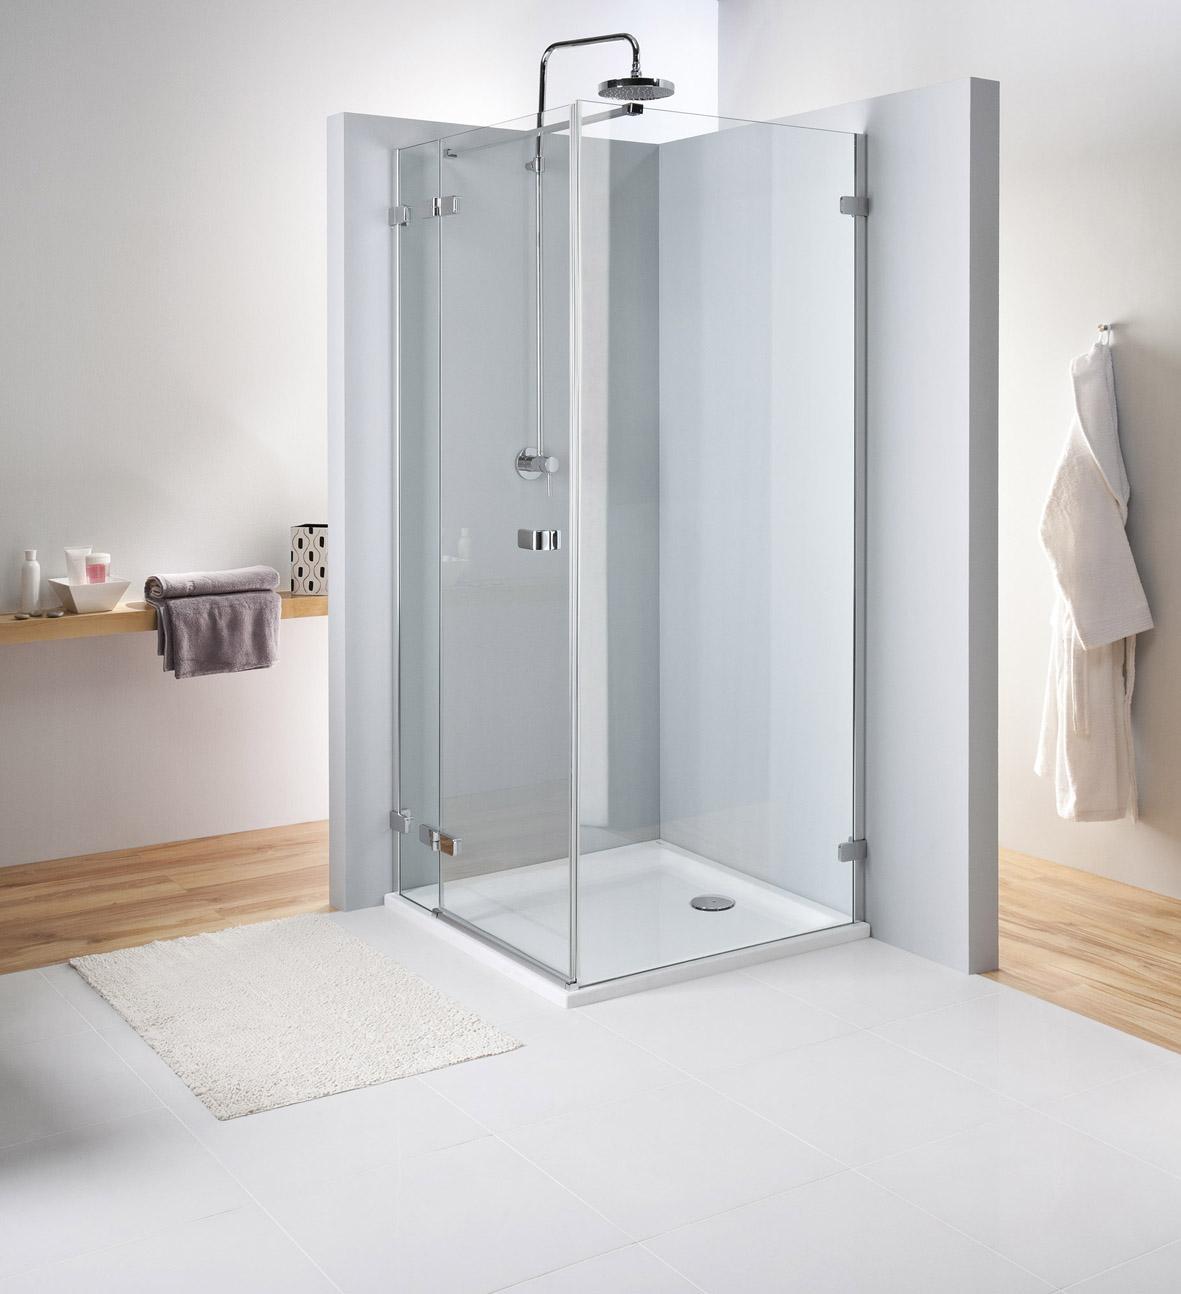 Kolo Next - křídlové dveře 90 cm, pro kombinaci s pevnou boční stěnou, sklo čiré, stříbrná lesklá HDSF90222003 L/R